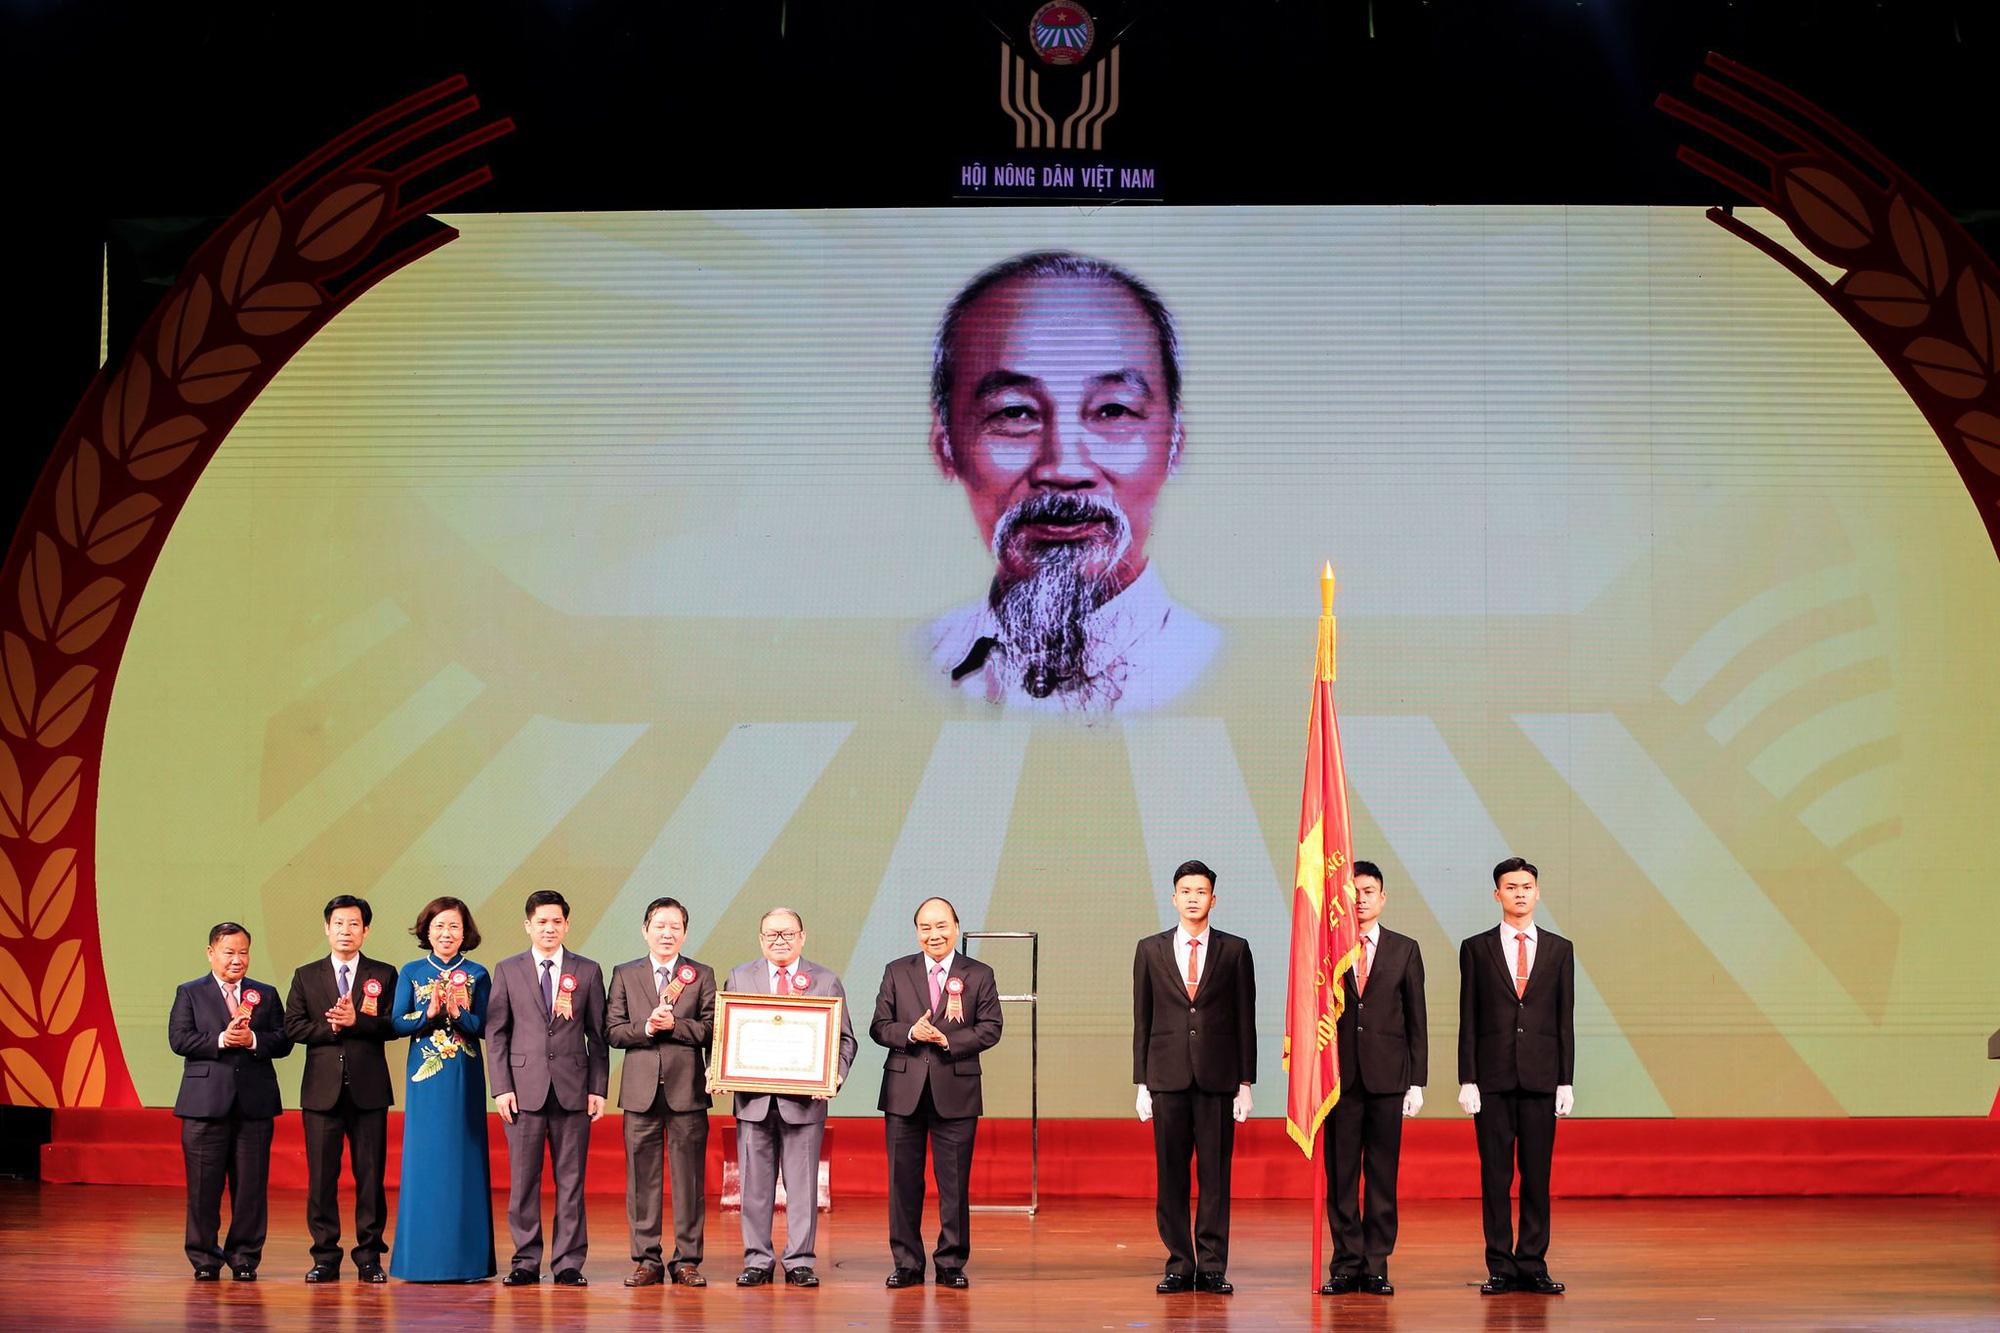 Lễ Kỷ niệm 90 năm Ngày thành lập Hội Nông dân Việt Nam: Hội Nông dân Việt Nam nhận Huân chương Hồ Chí Minh - Ảnh 4.